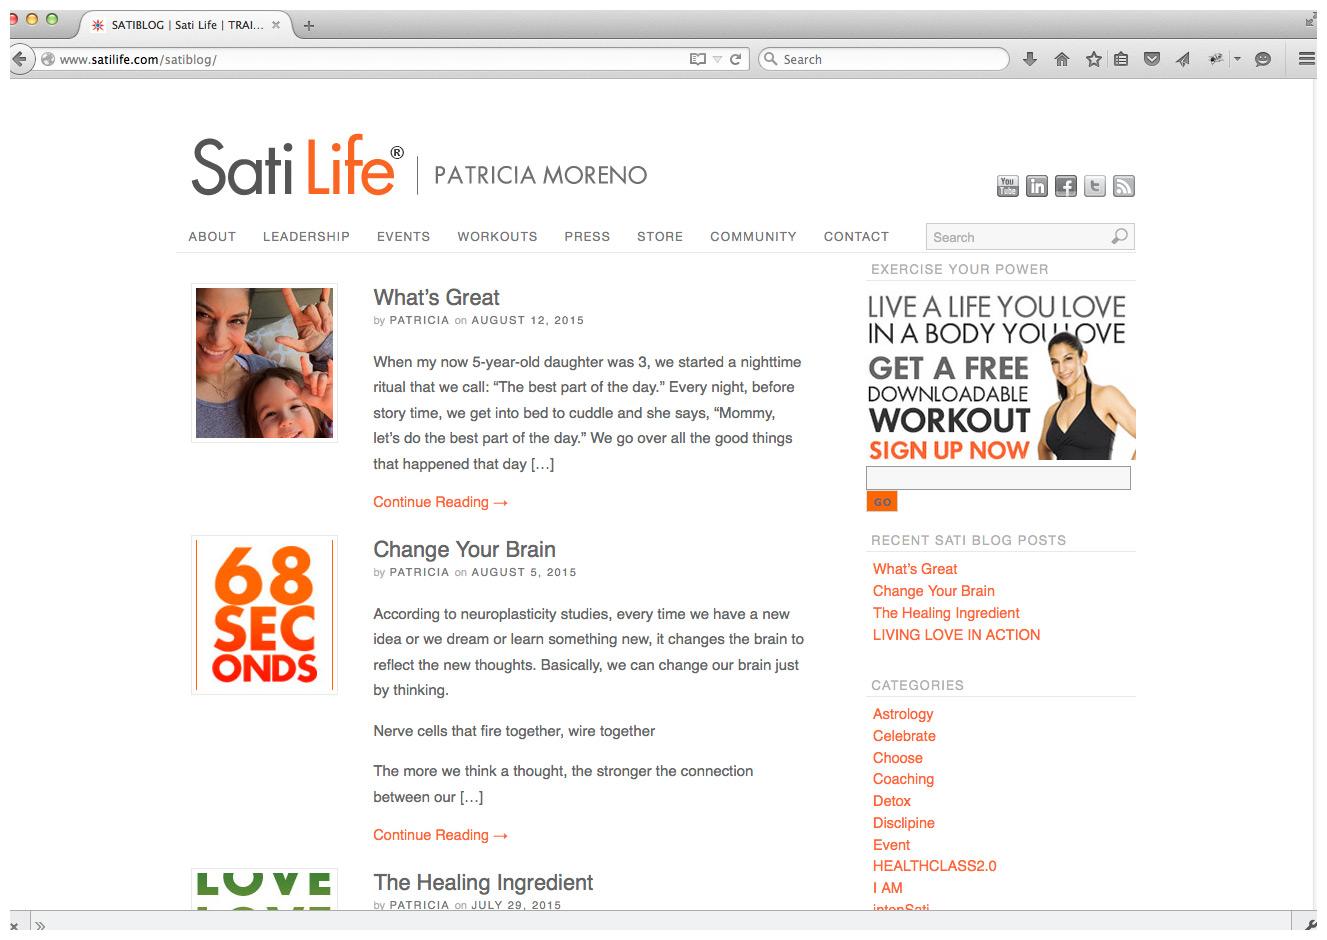 satilife-blog.jpg